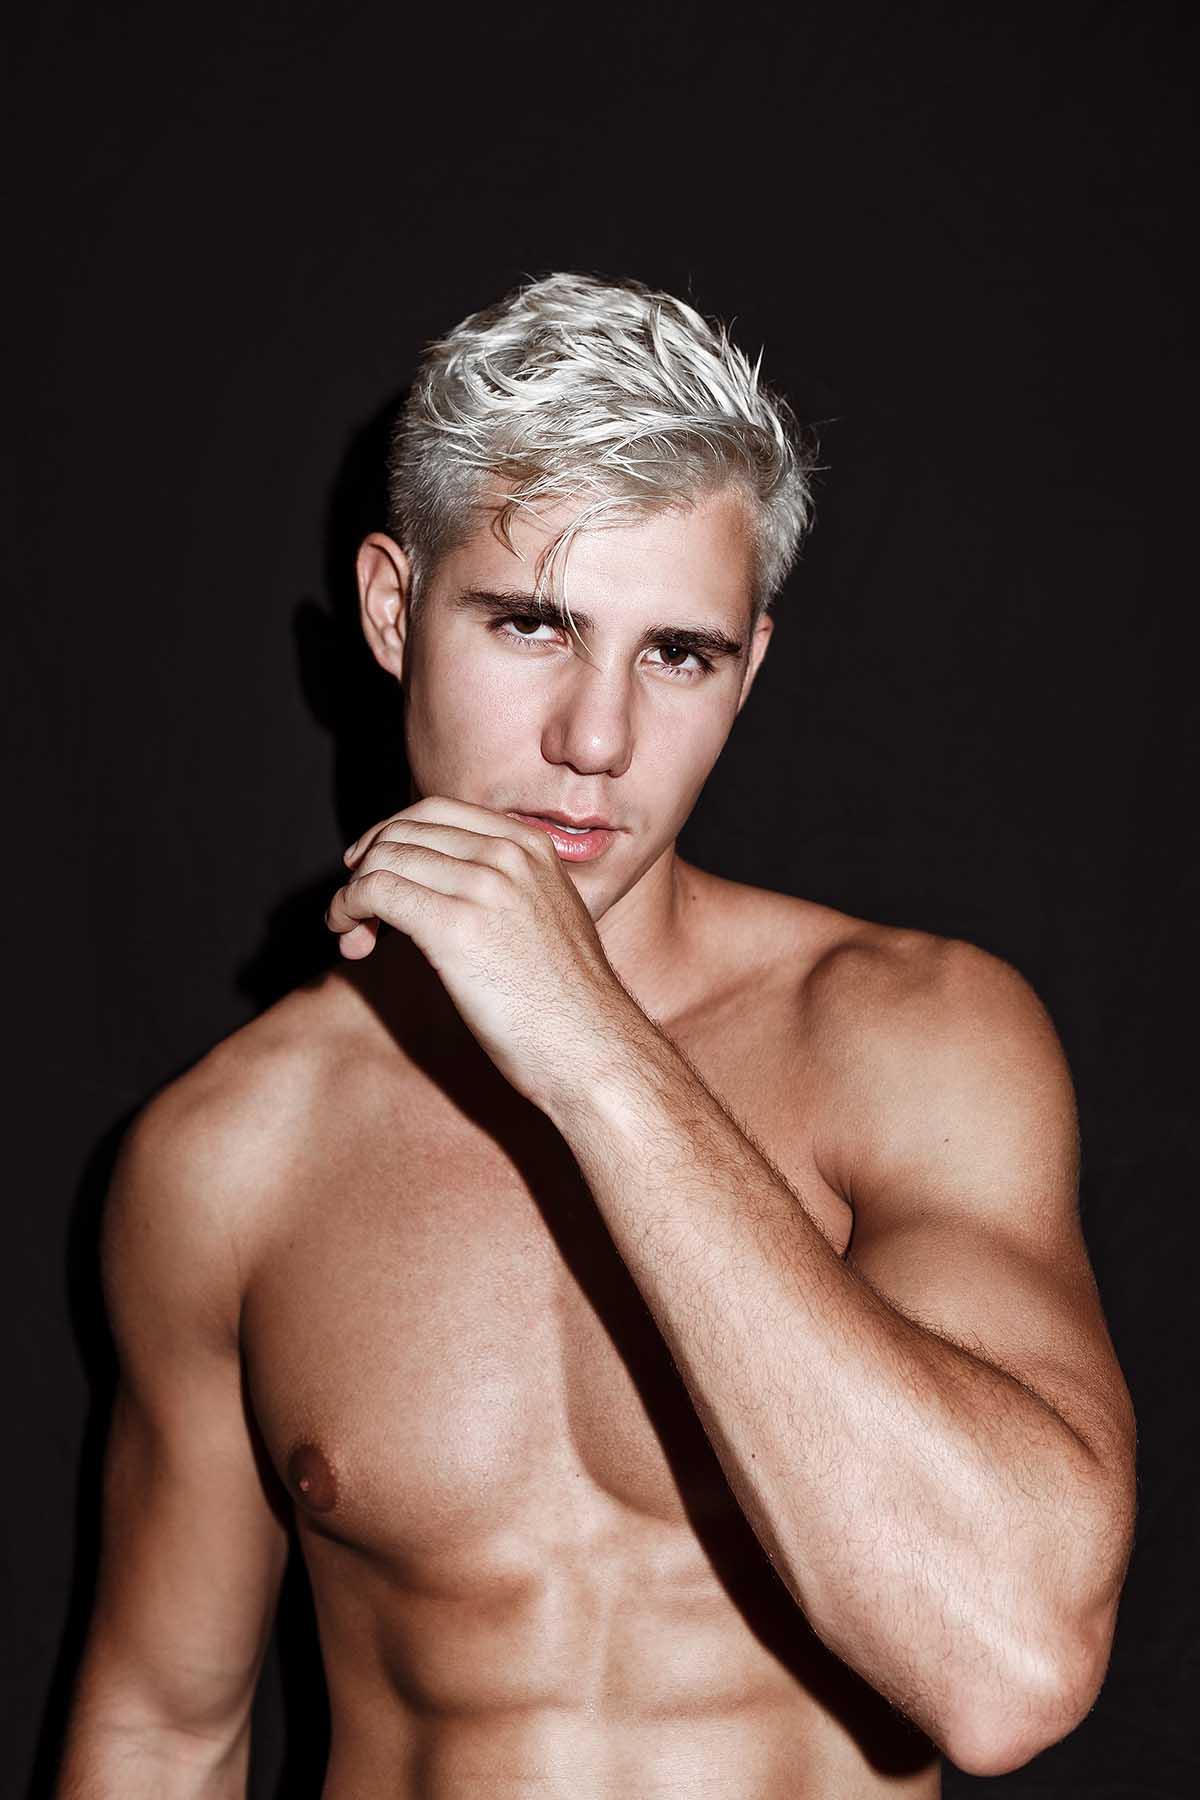 Guilherme Scopel by Iuri Francisco for Brazilian Male Model